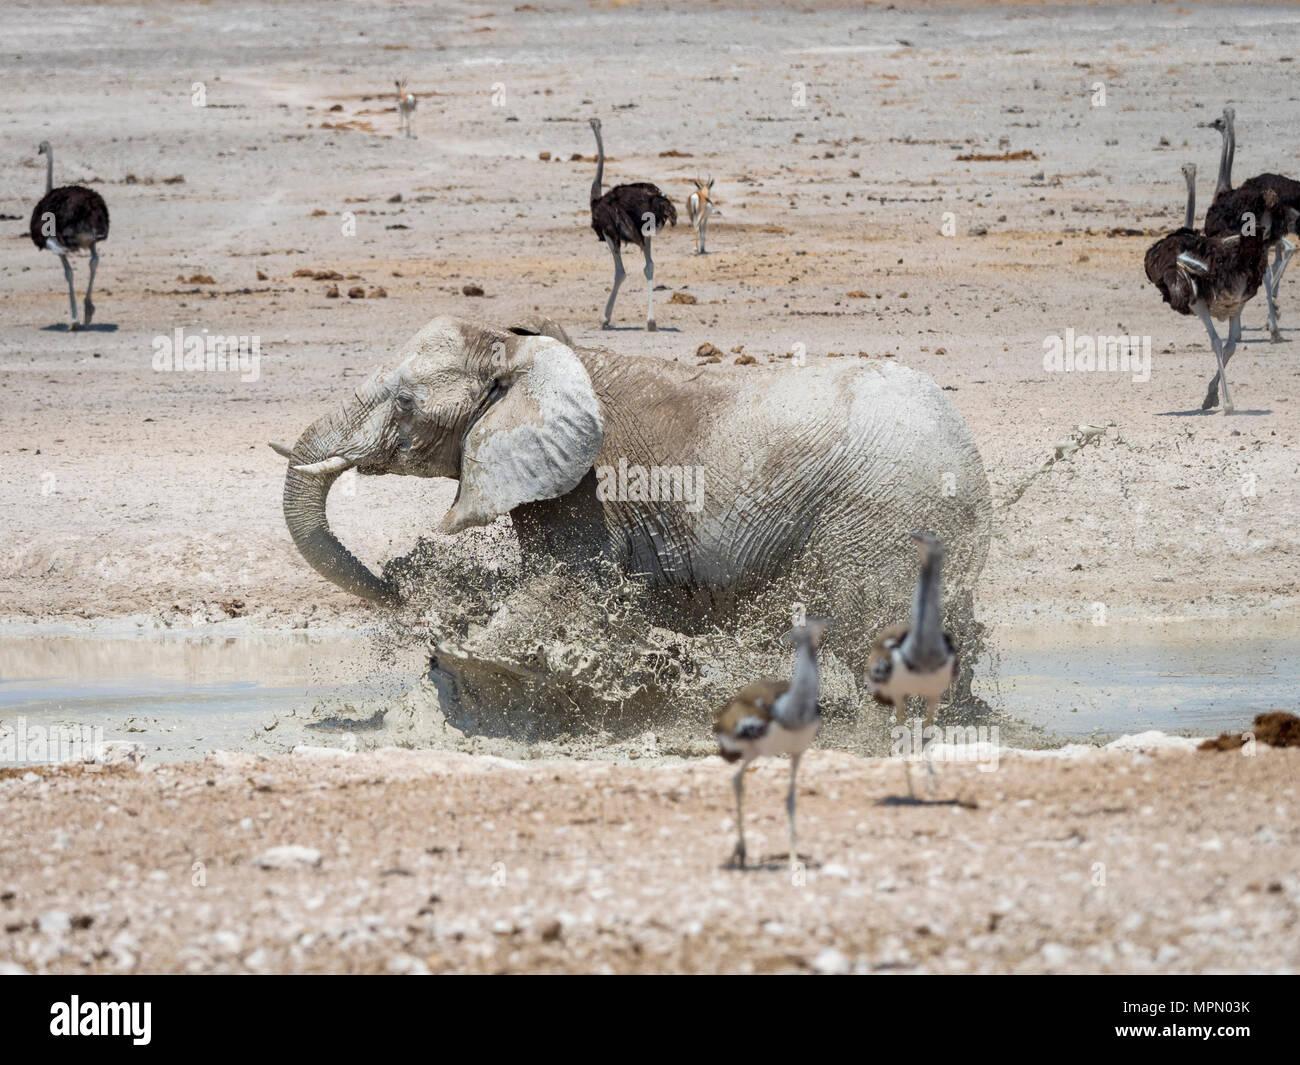 Africa, Namibia, Etosha National Park, Elefant running into water, mudbath, Loxodonta Africana - Stock Image